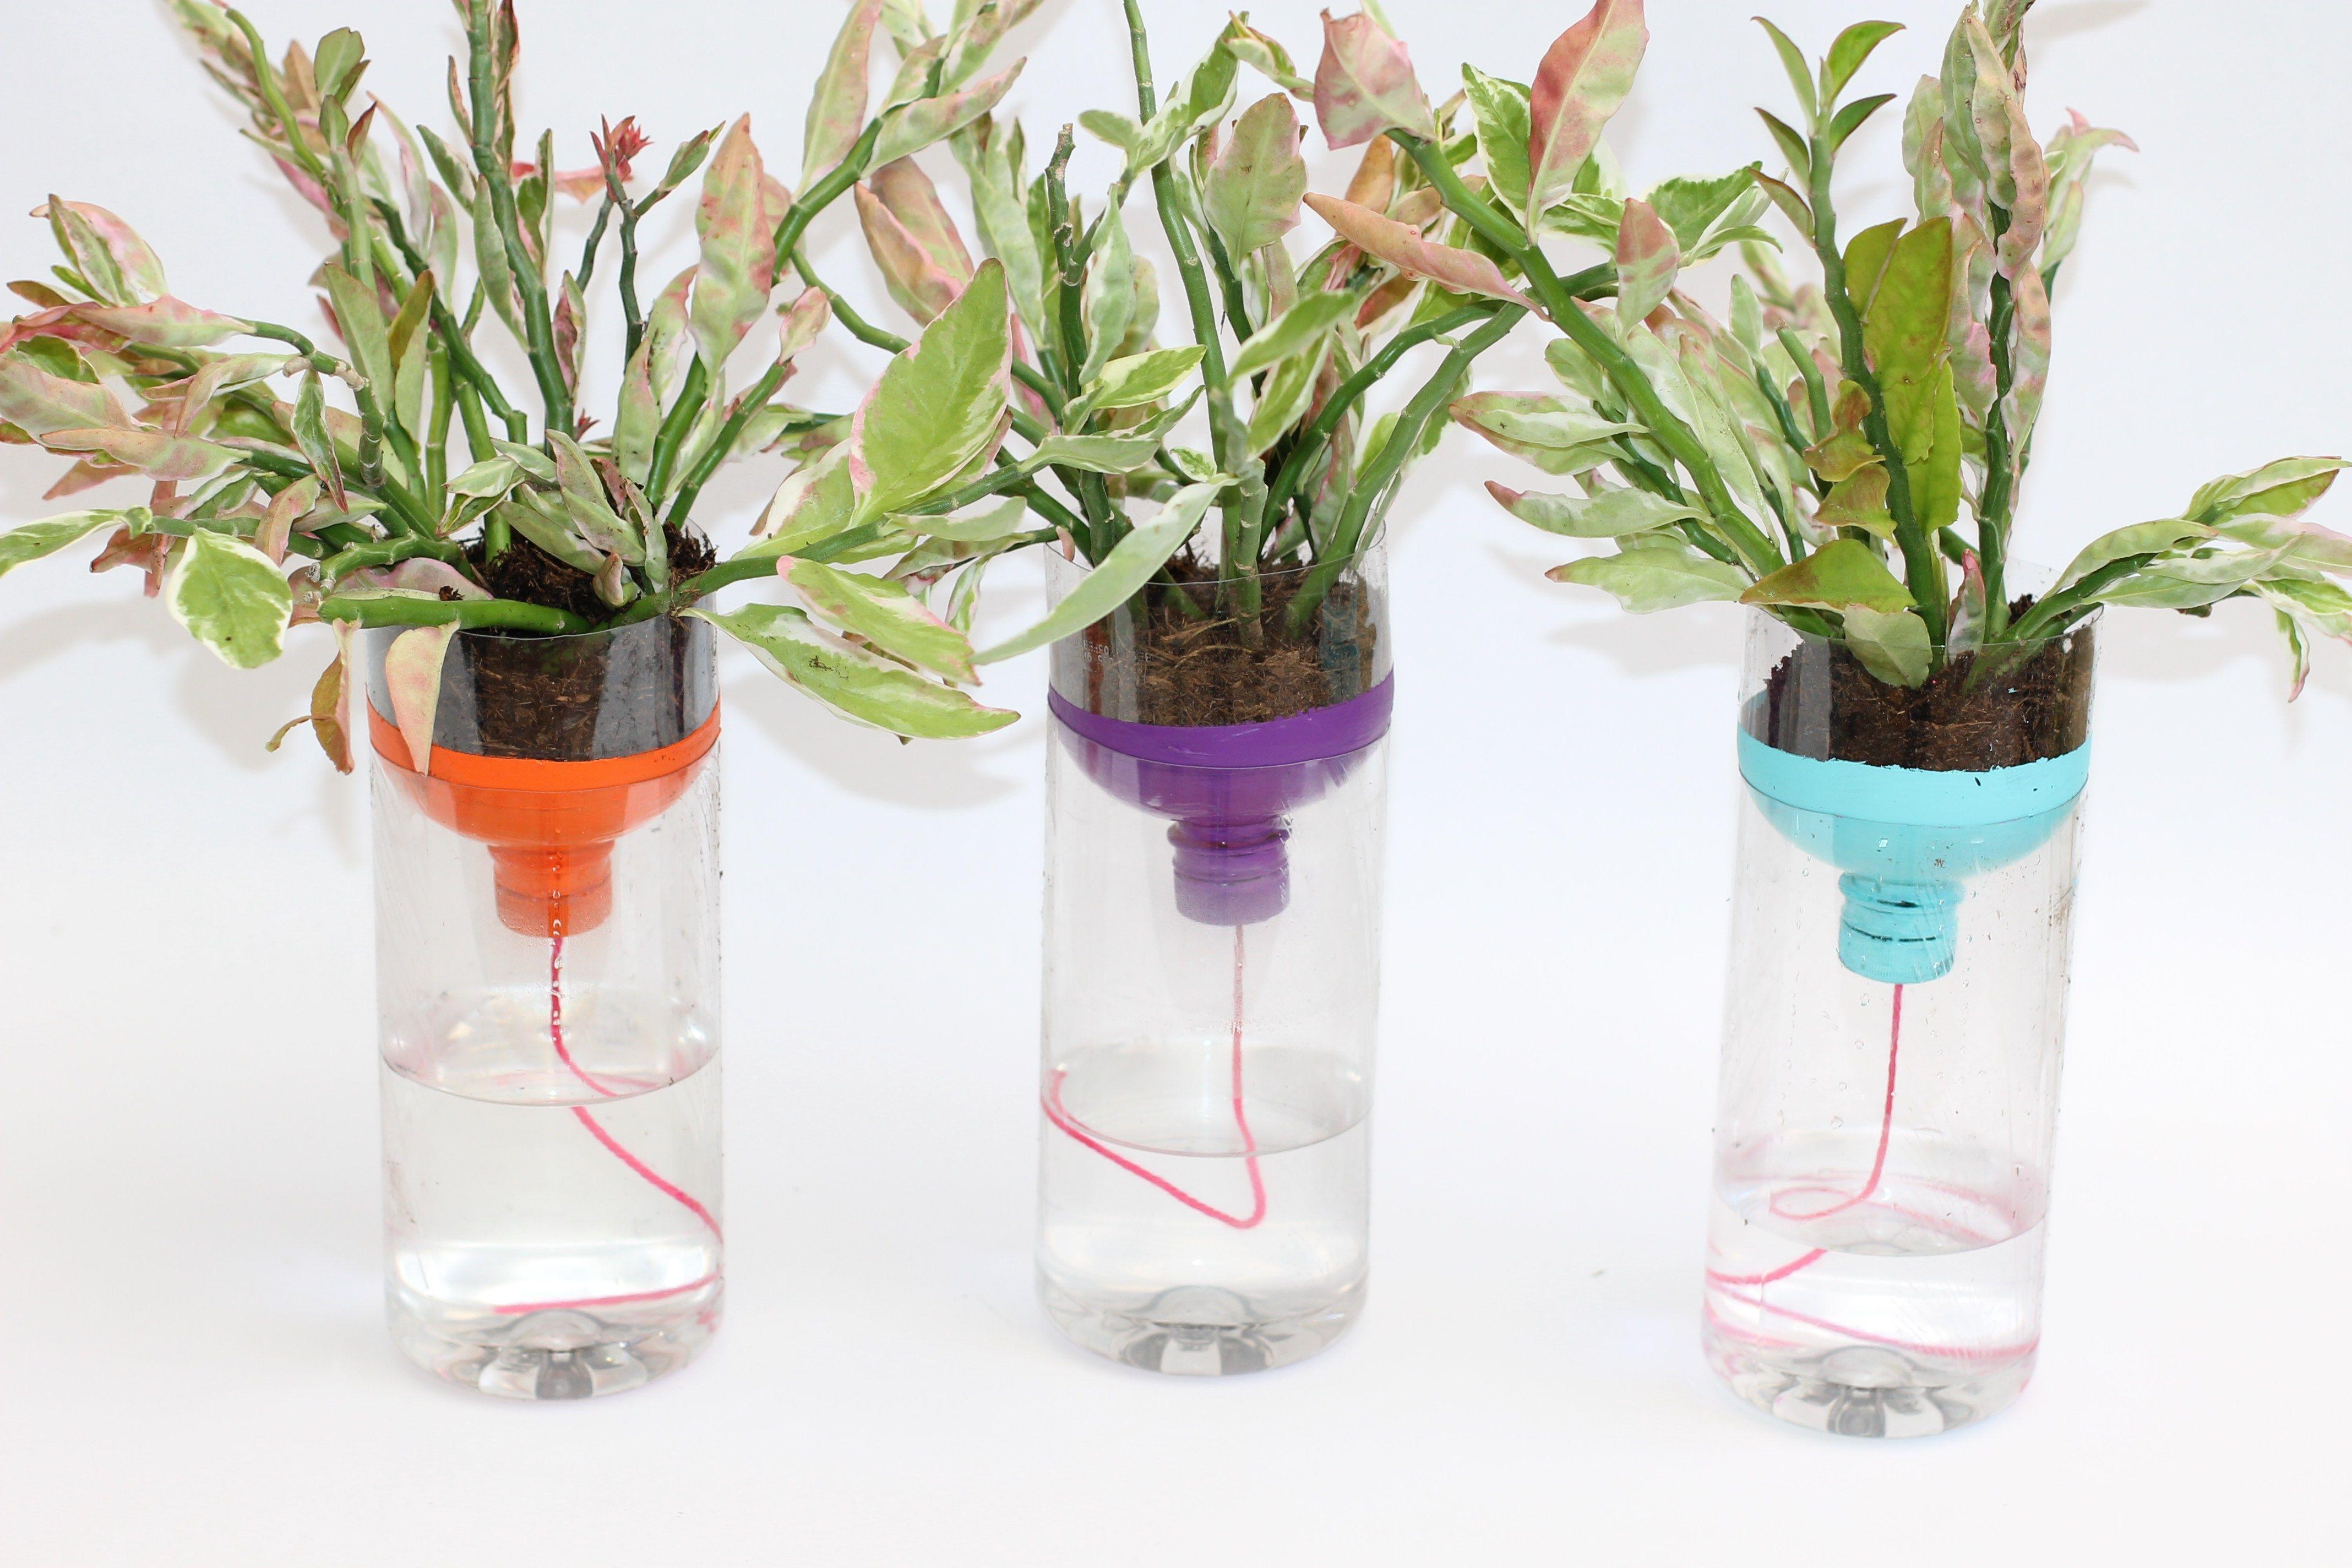 Regaling Self Watering Diy Garden Planters Handmade By Kelly Self